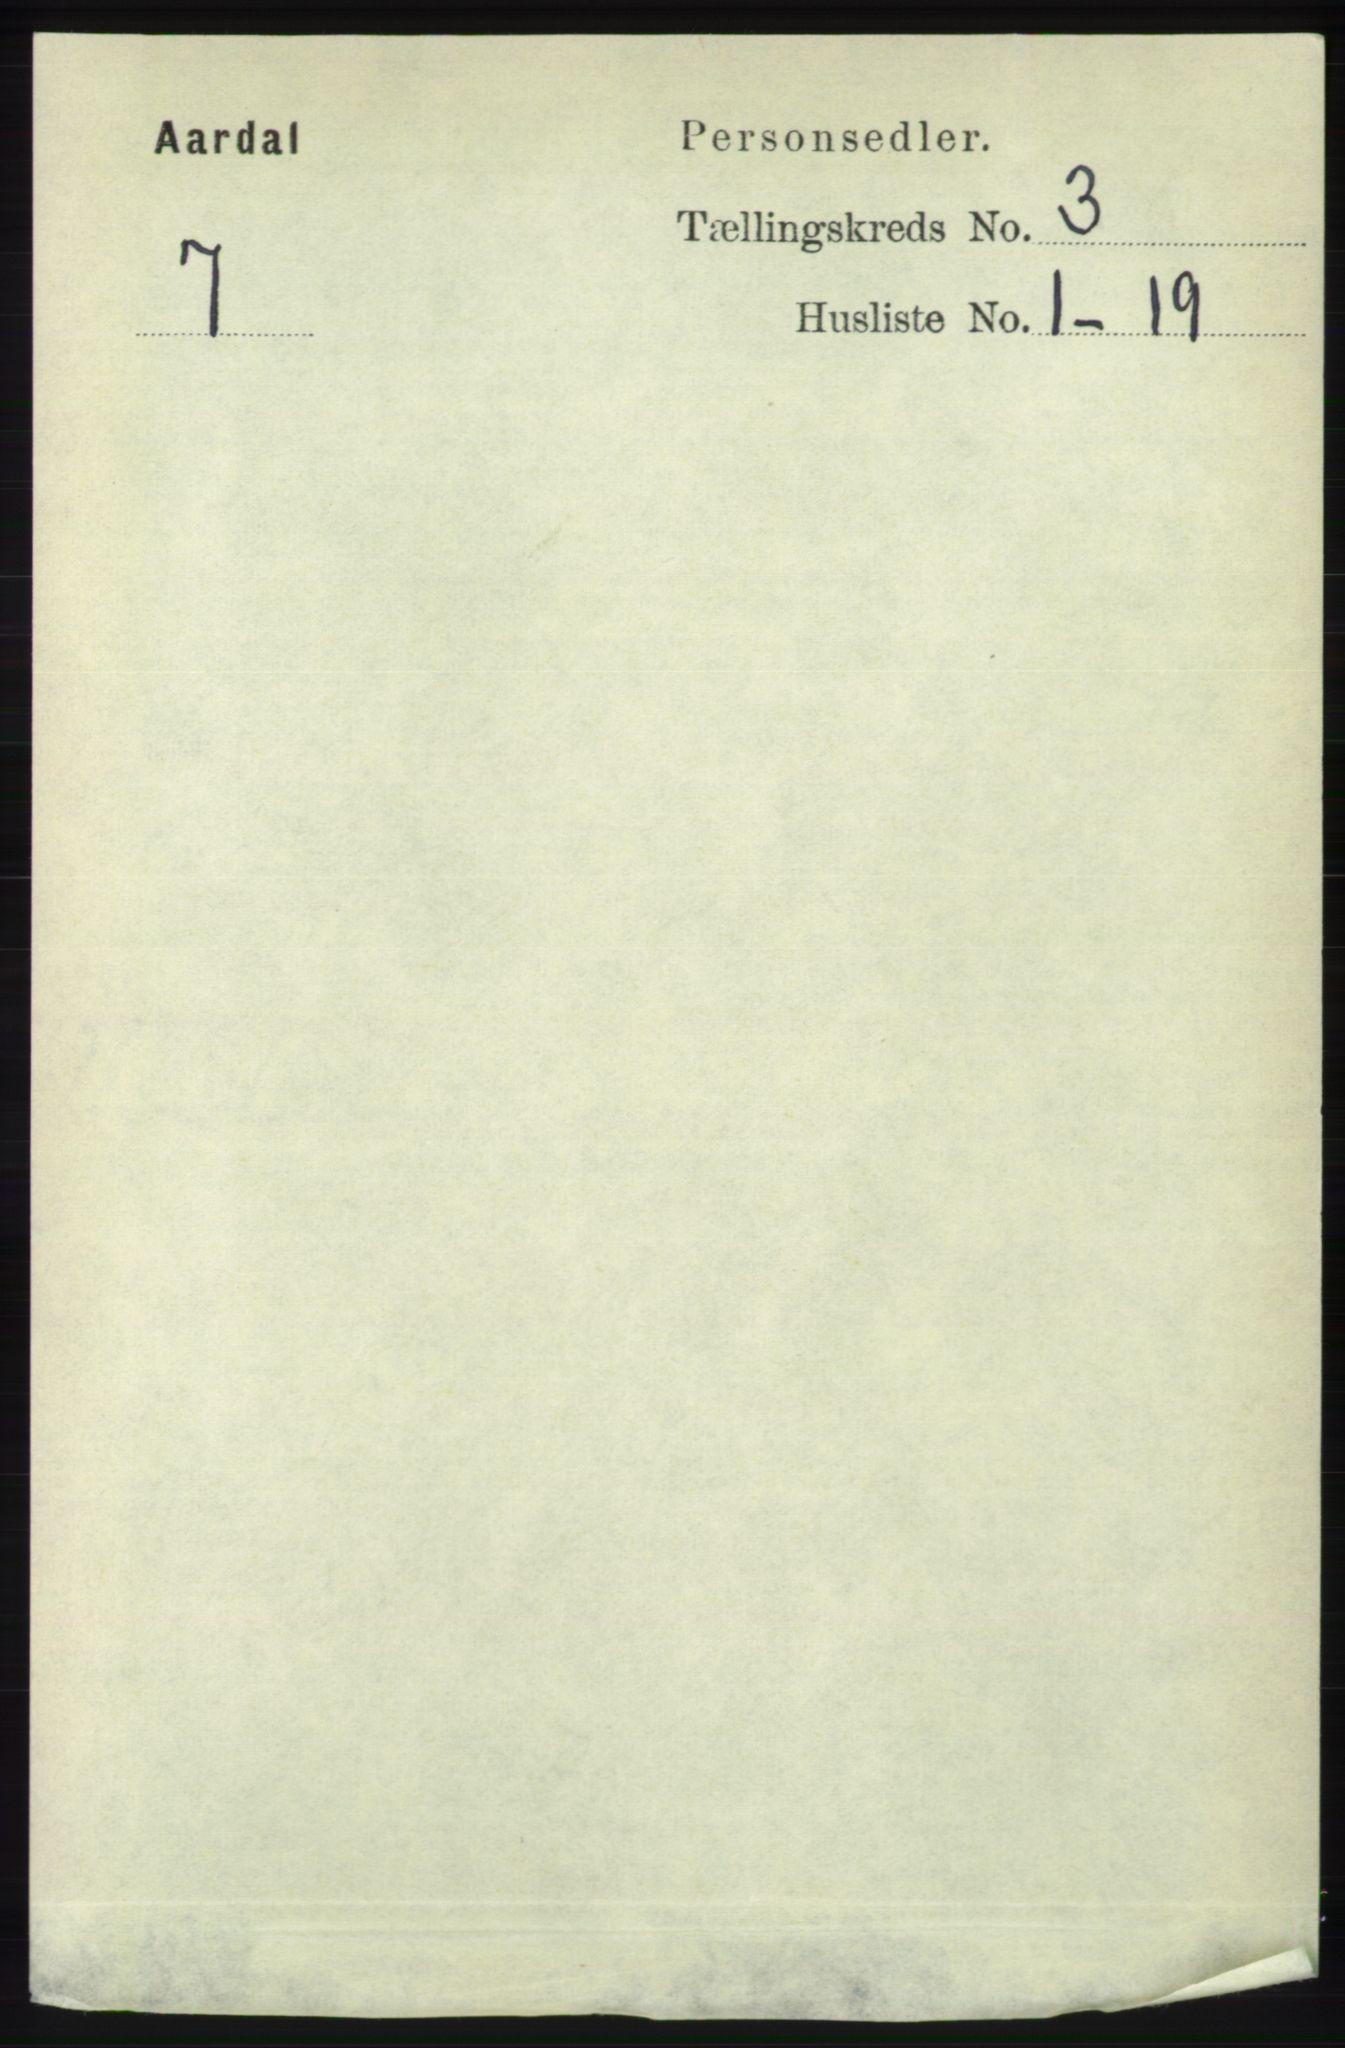 RA, Folketelling 1891 for 1131 Årdal herred, 1891, s. 823